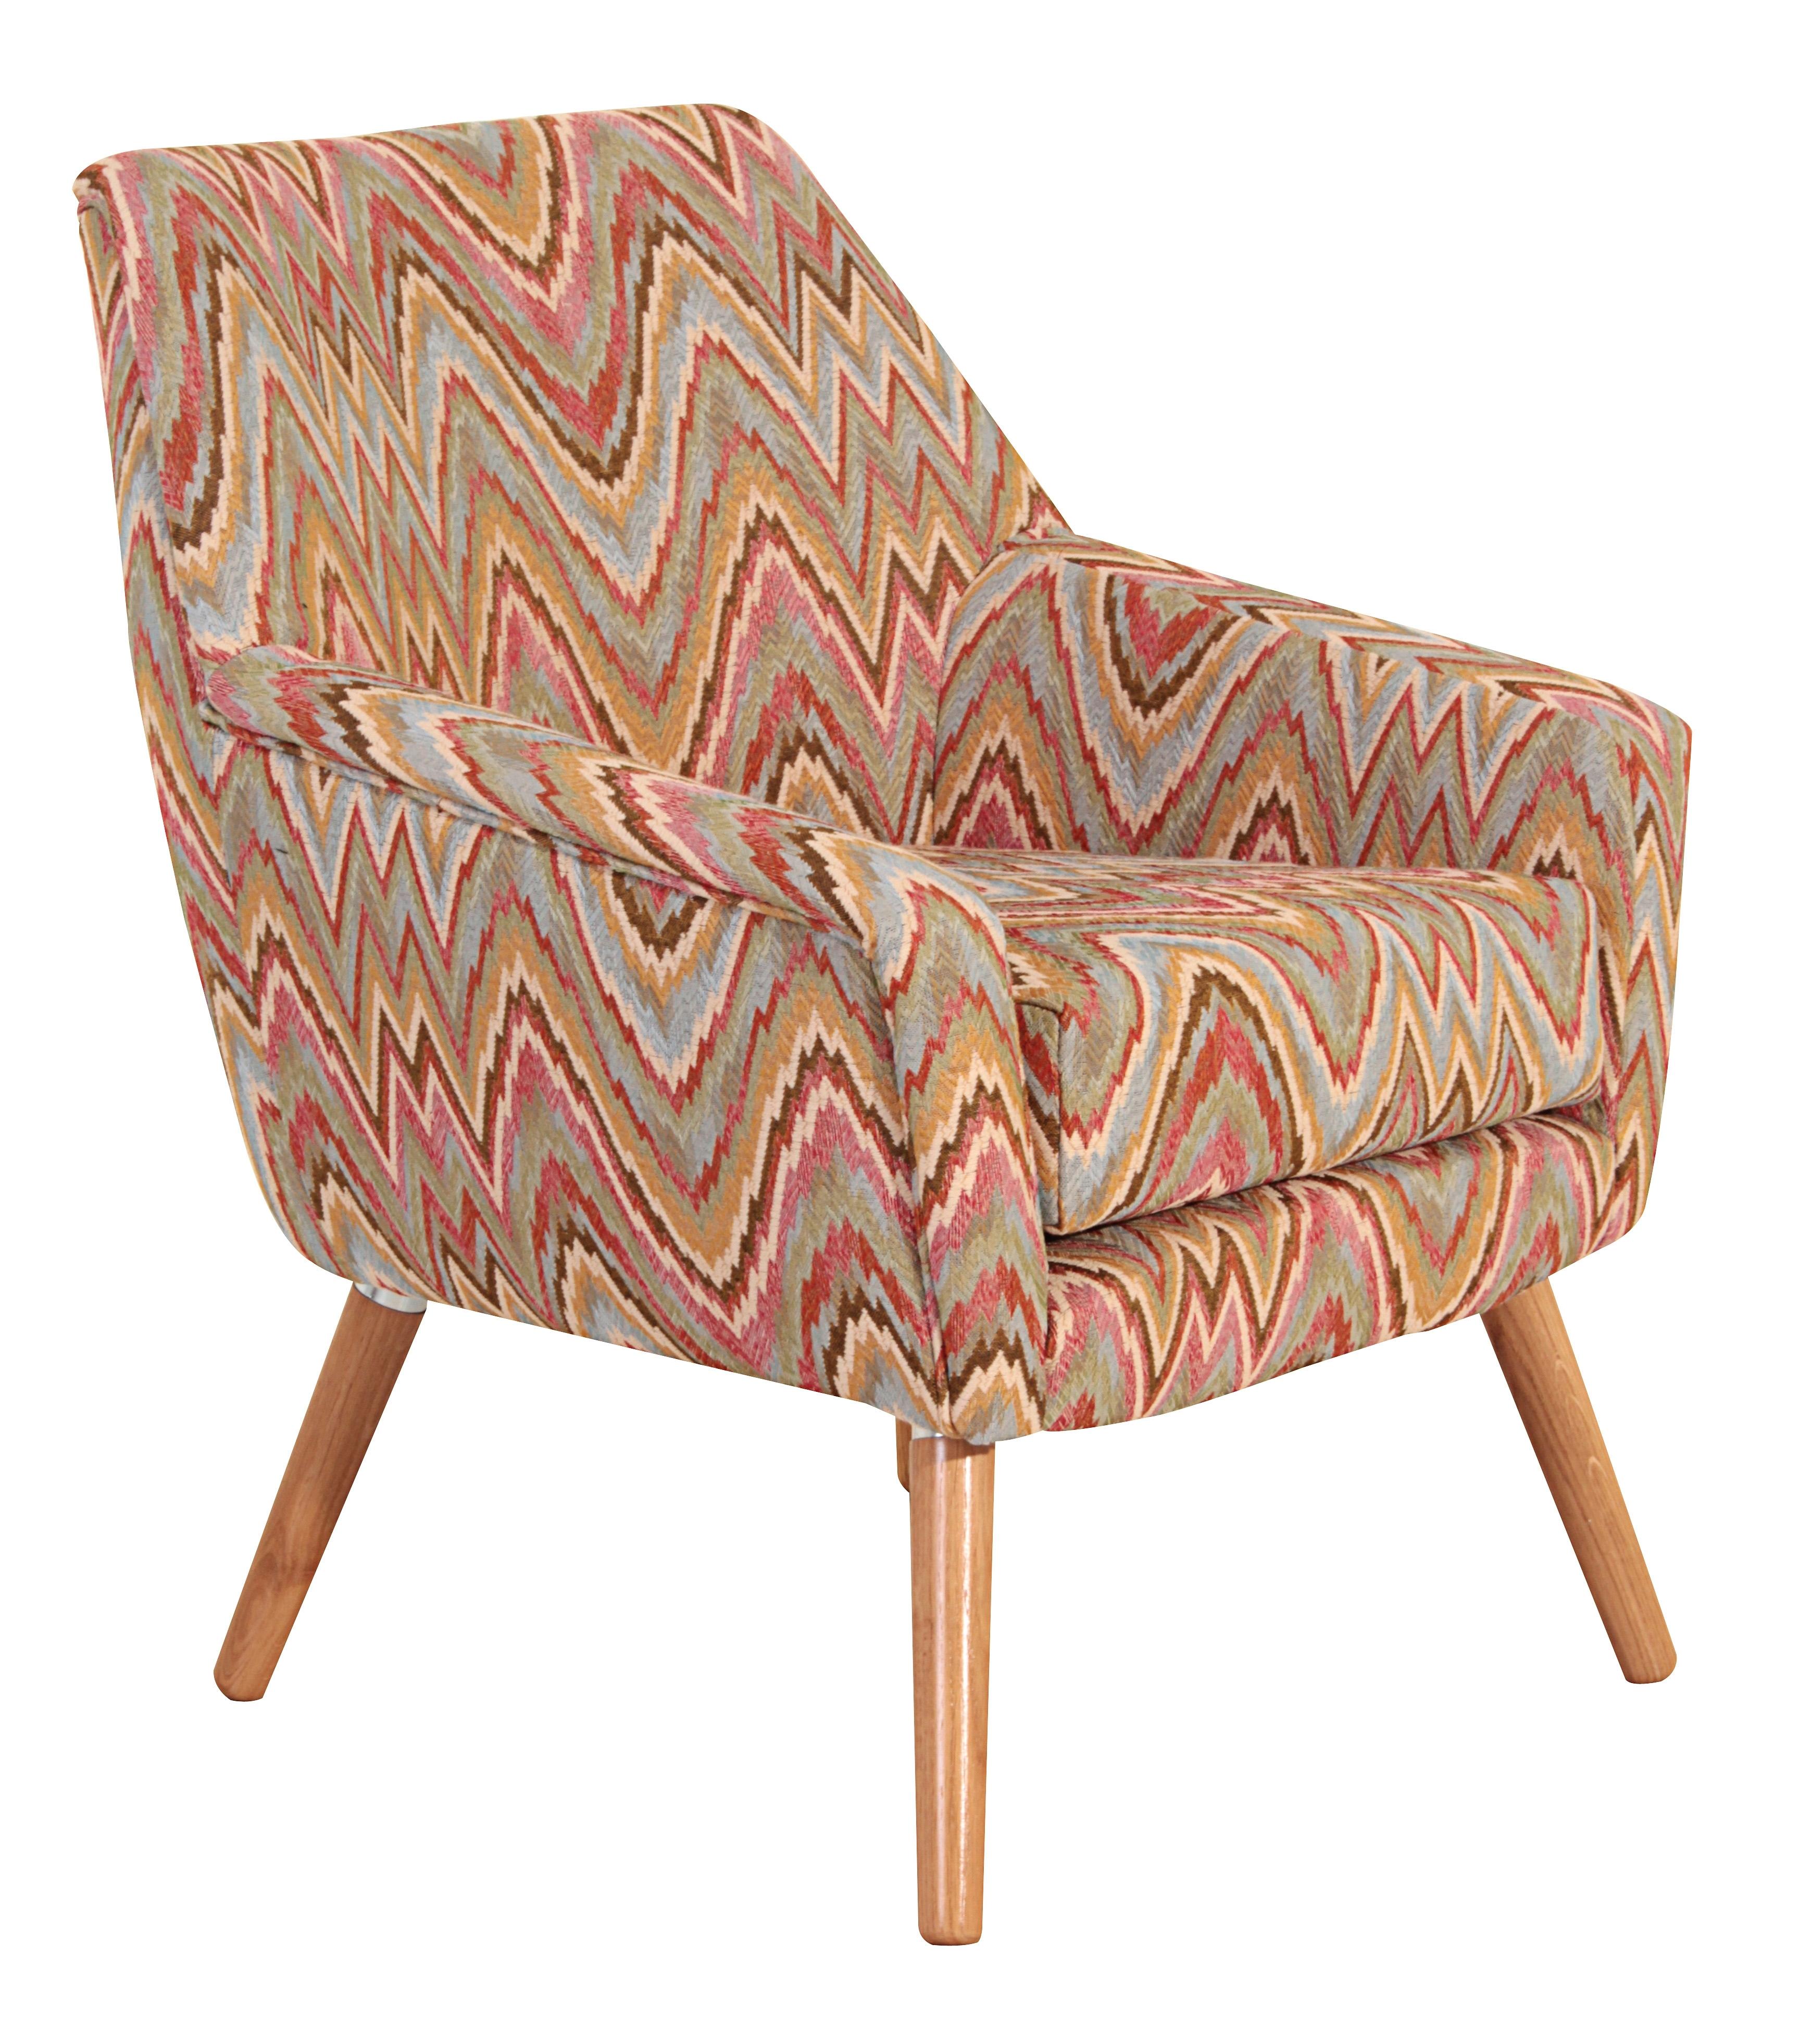 Max Winzer ® fauteuil »Alan« in retro-look nu online kopen bij OTTO